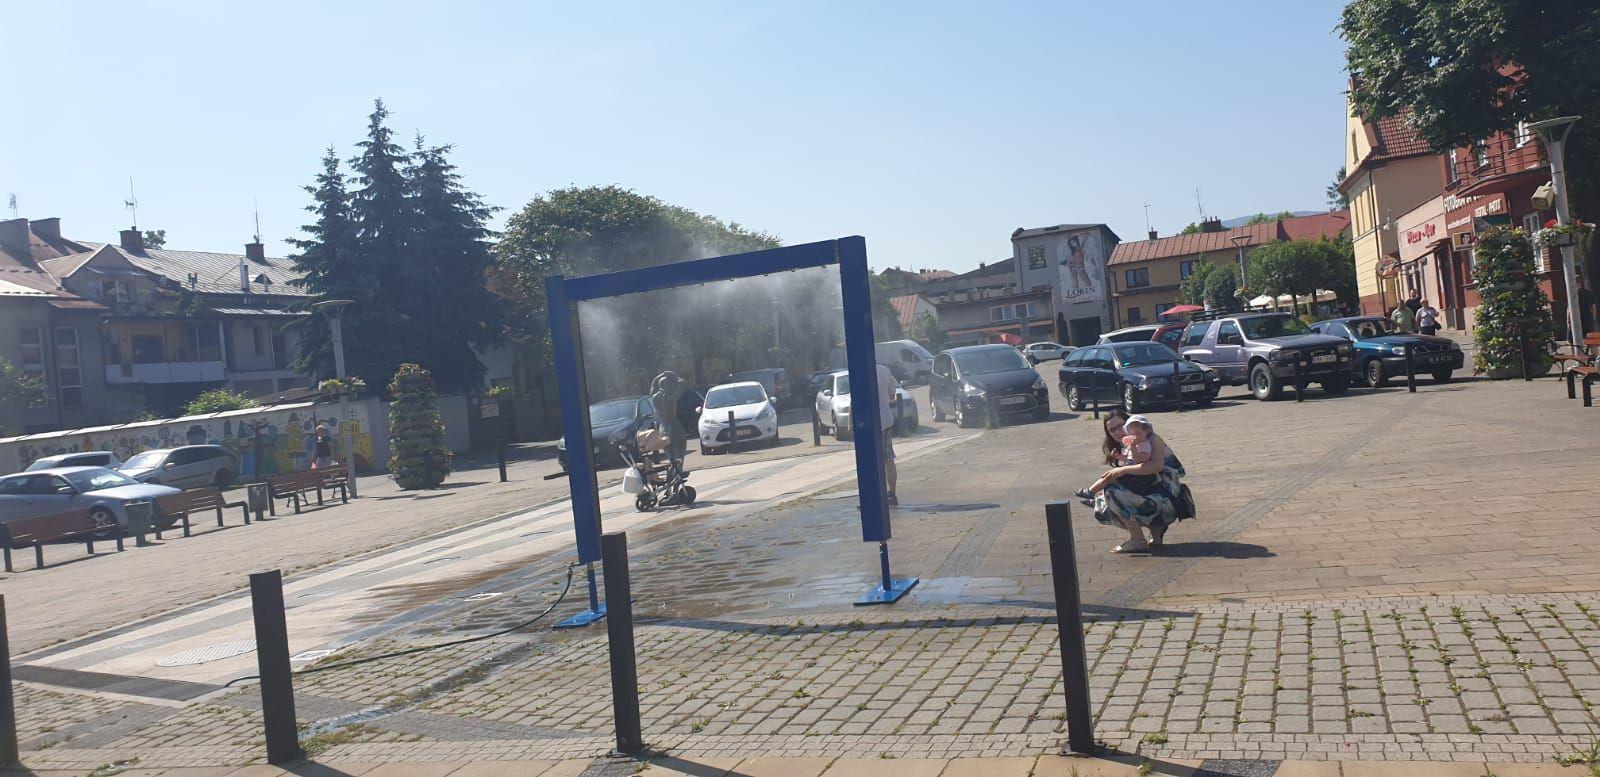 Fontanna nie działa, ale na placu Mickiewicza zamontowano kurtynę wodną